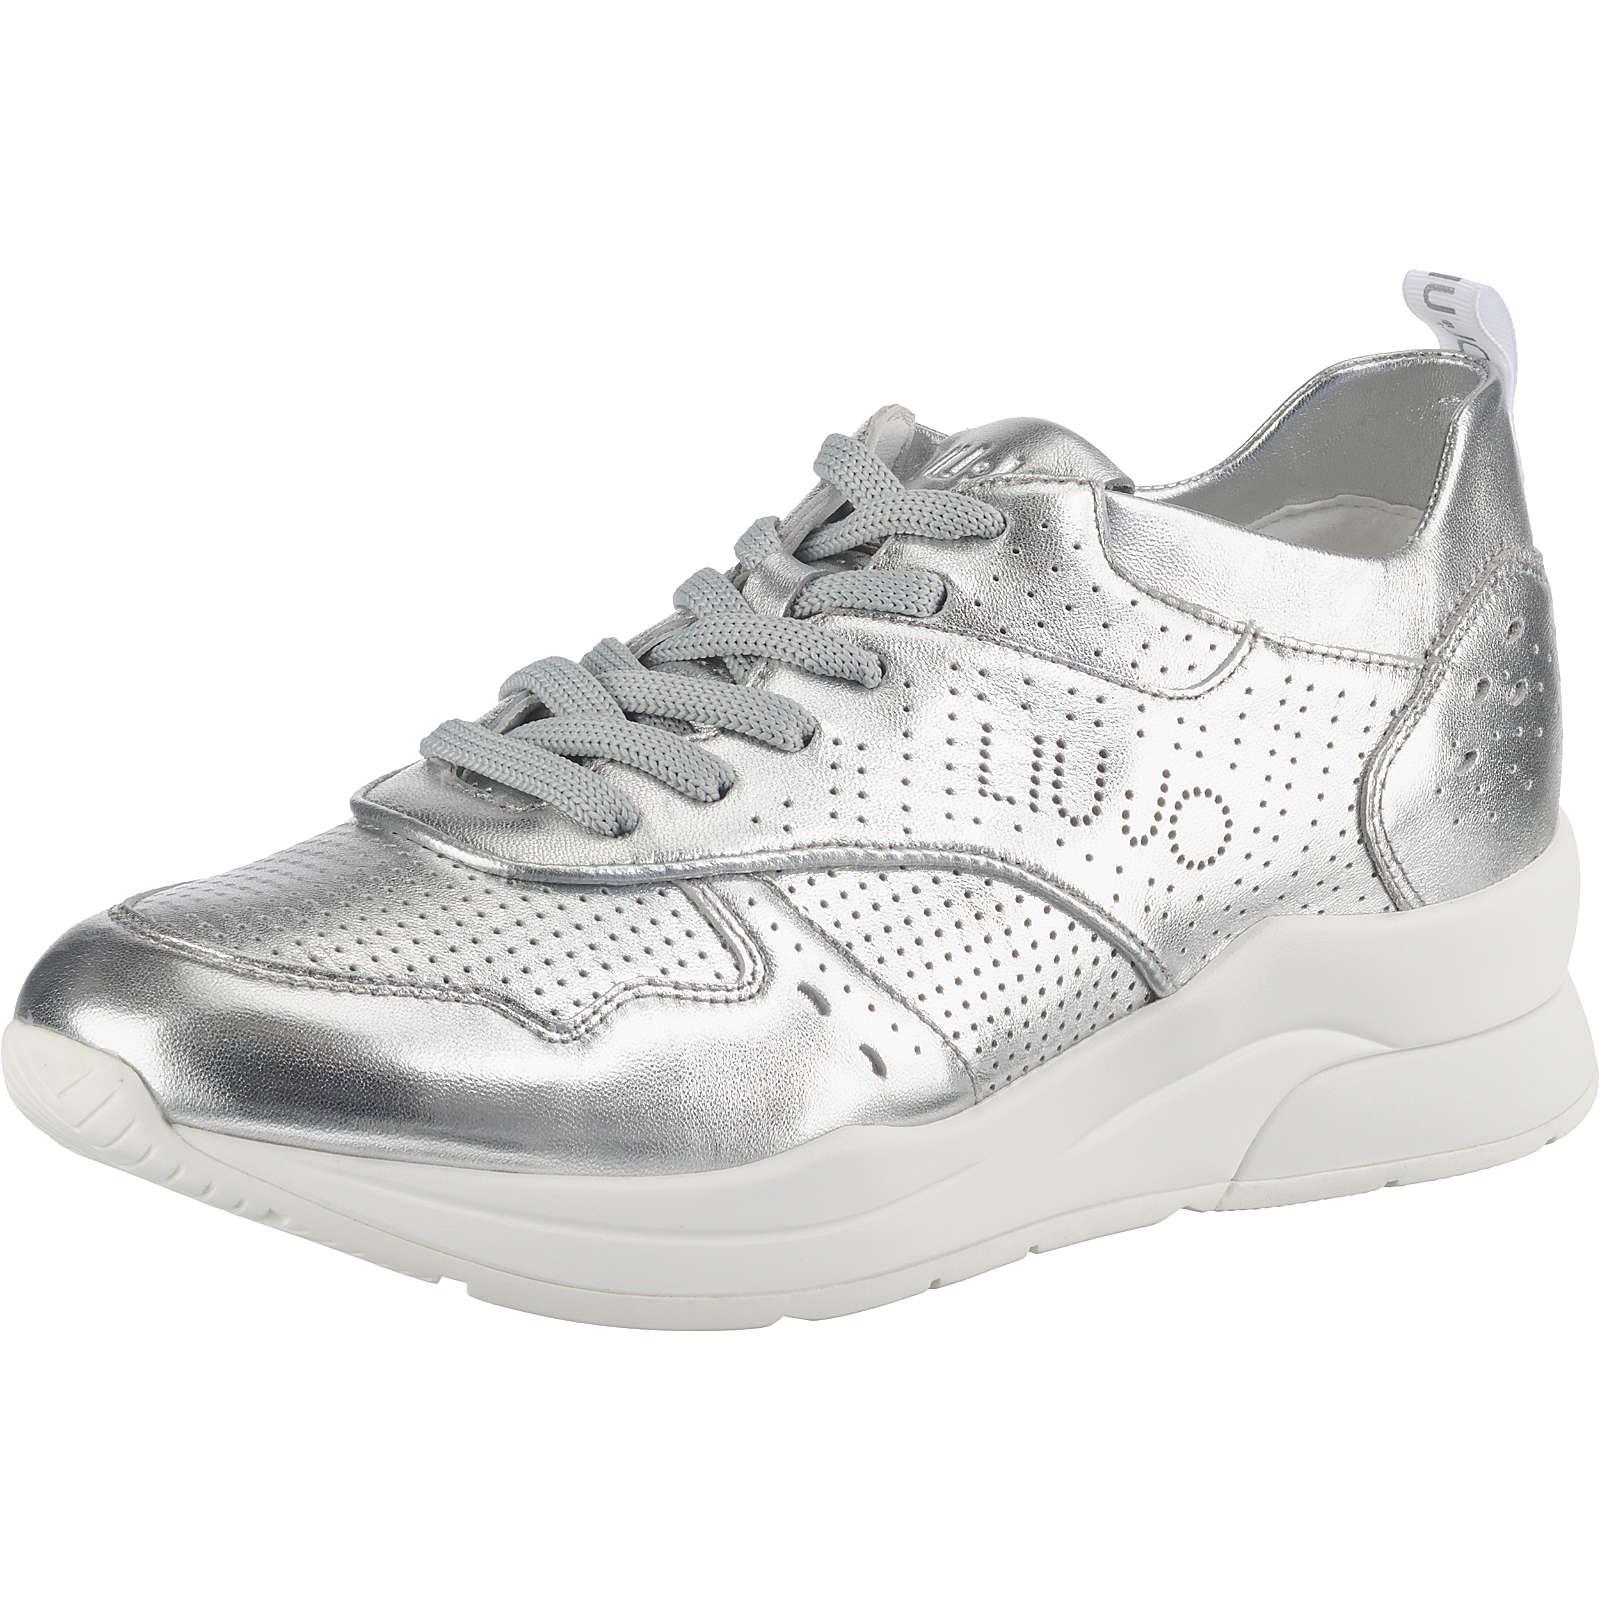 LIU JO Karlie Sneakers Low silber Damen Gr. 36